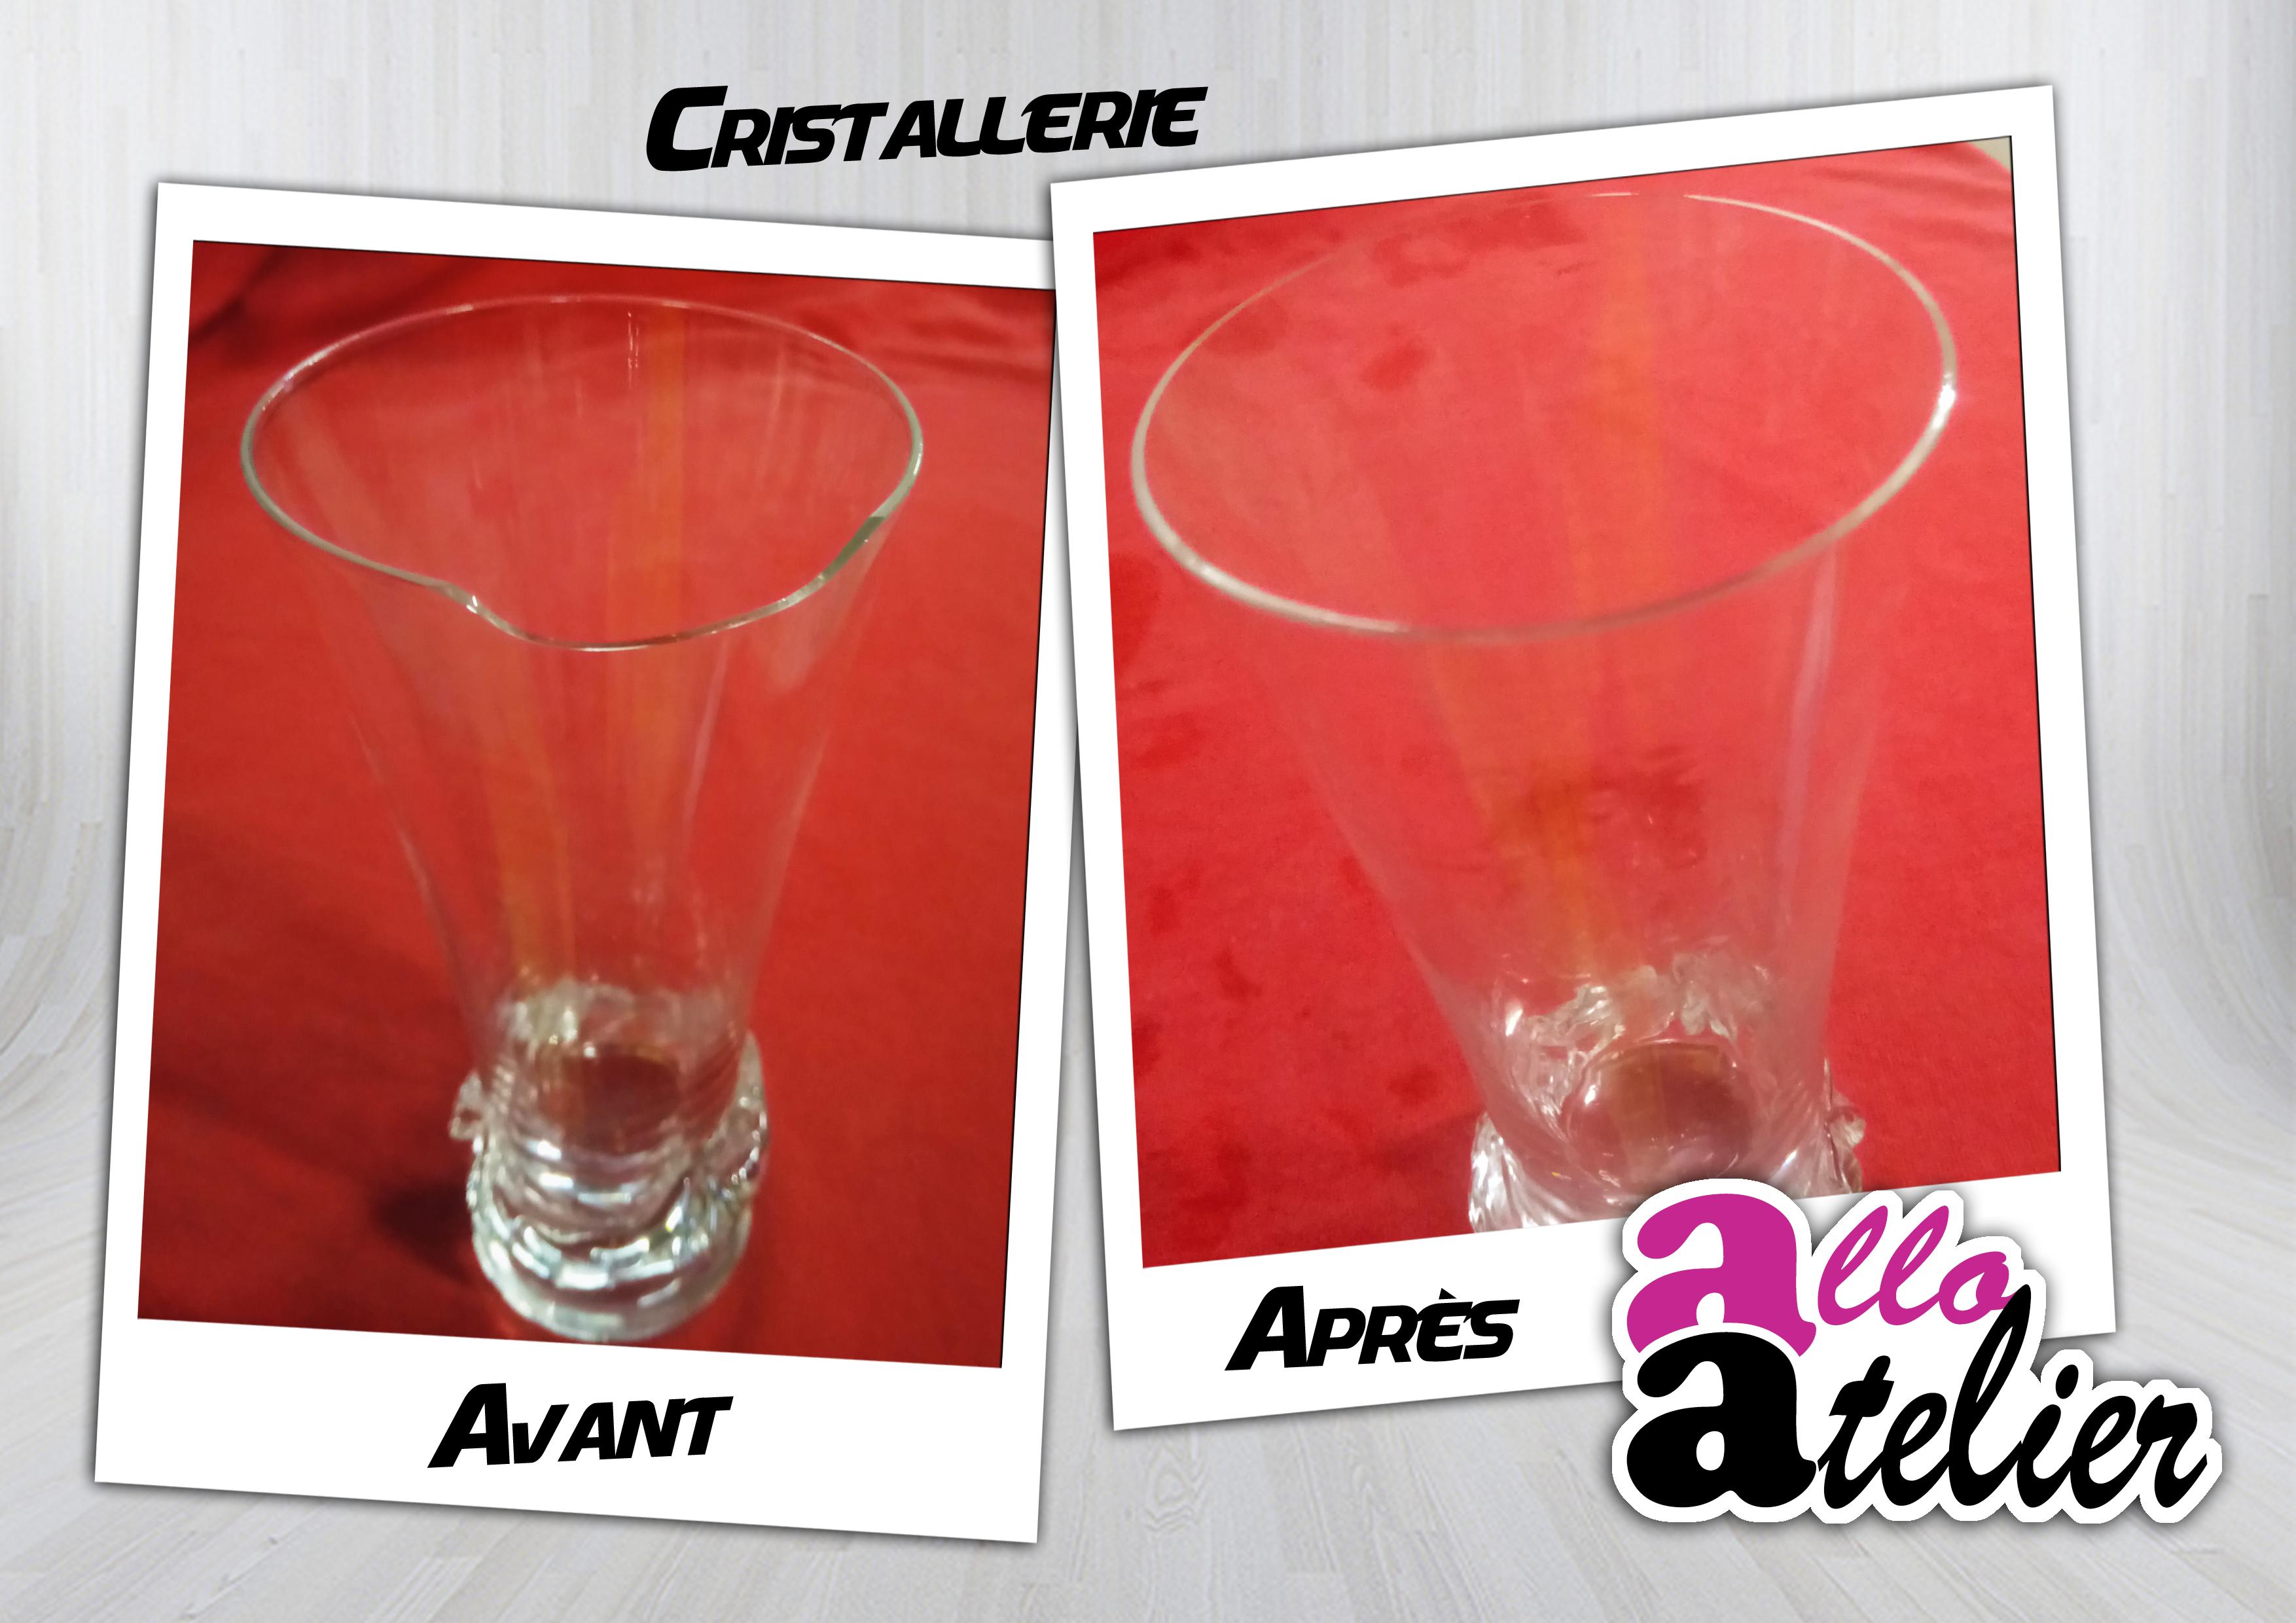 allatelier_cristallerie_fait_a_la_main_occitanie